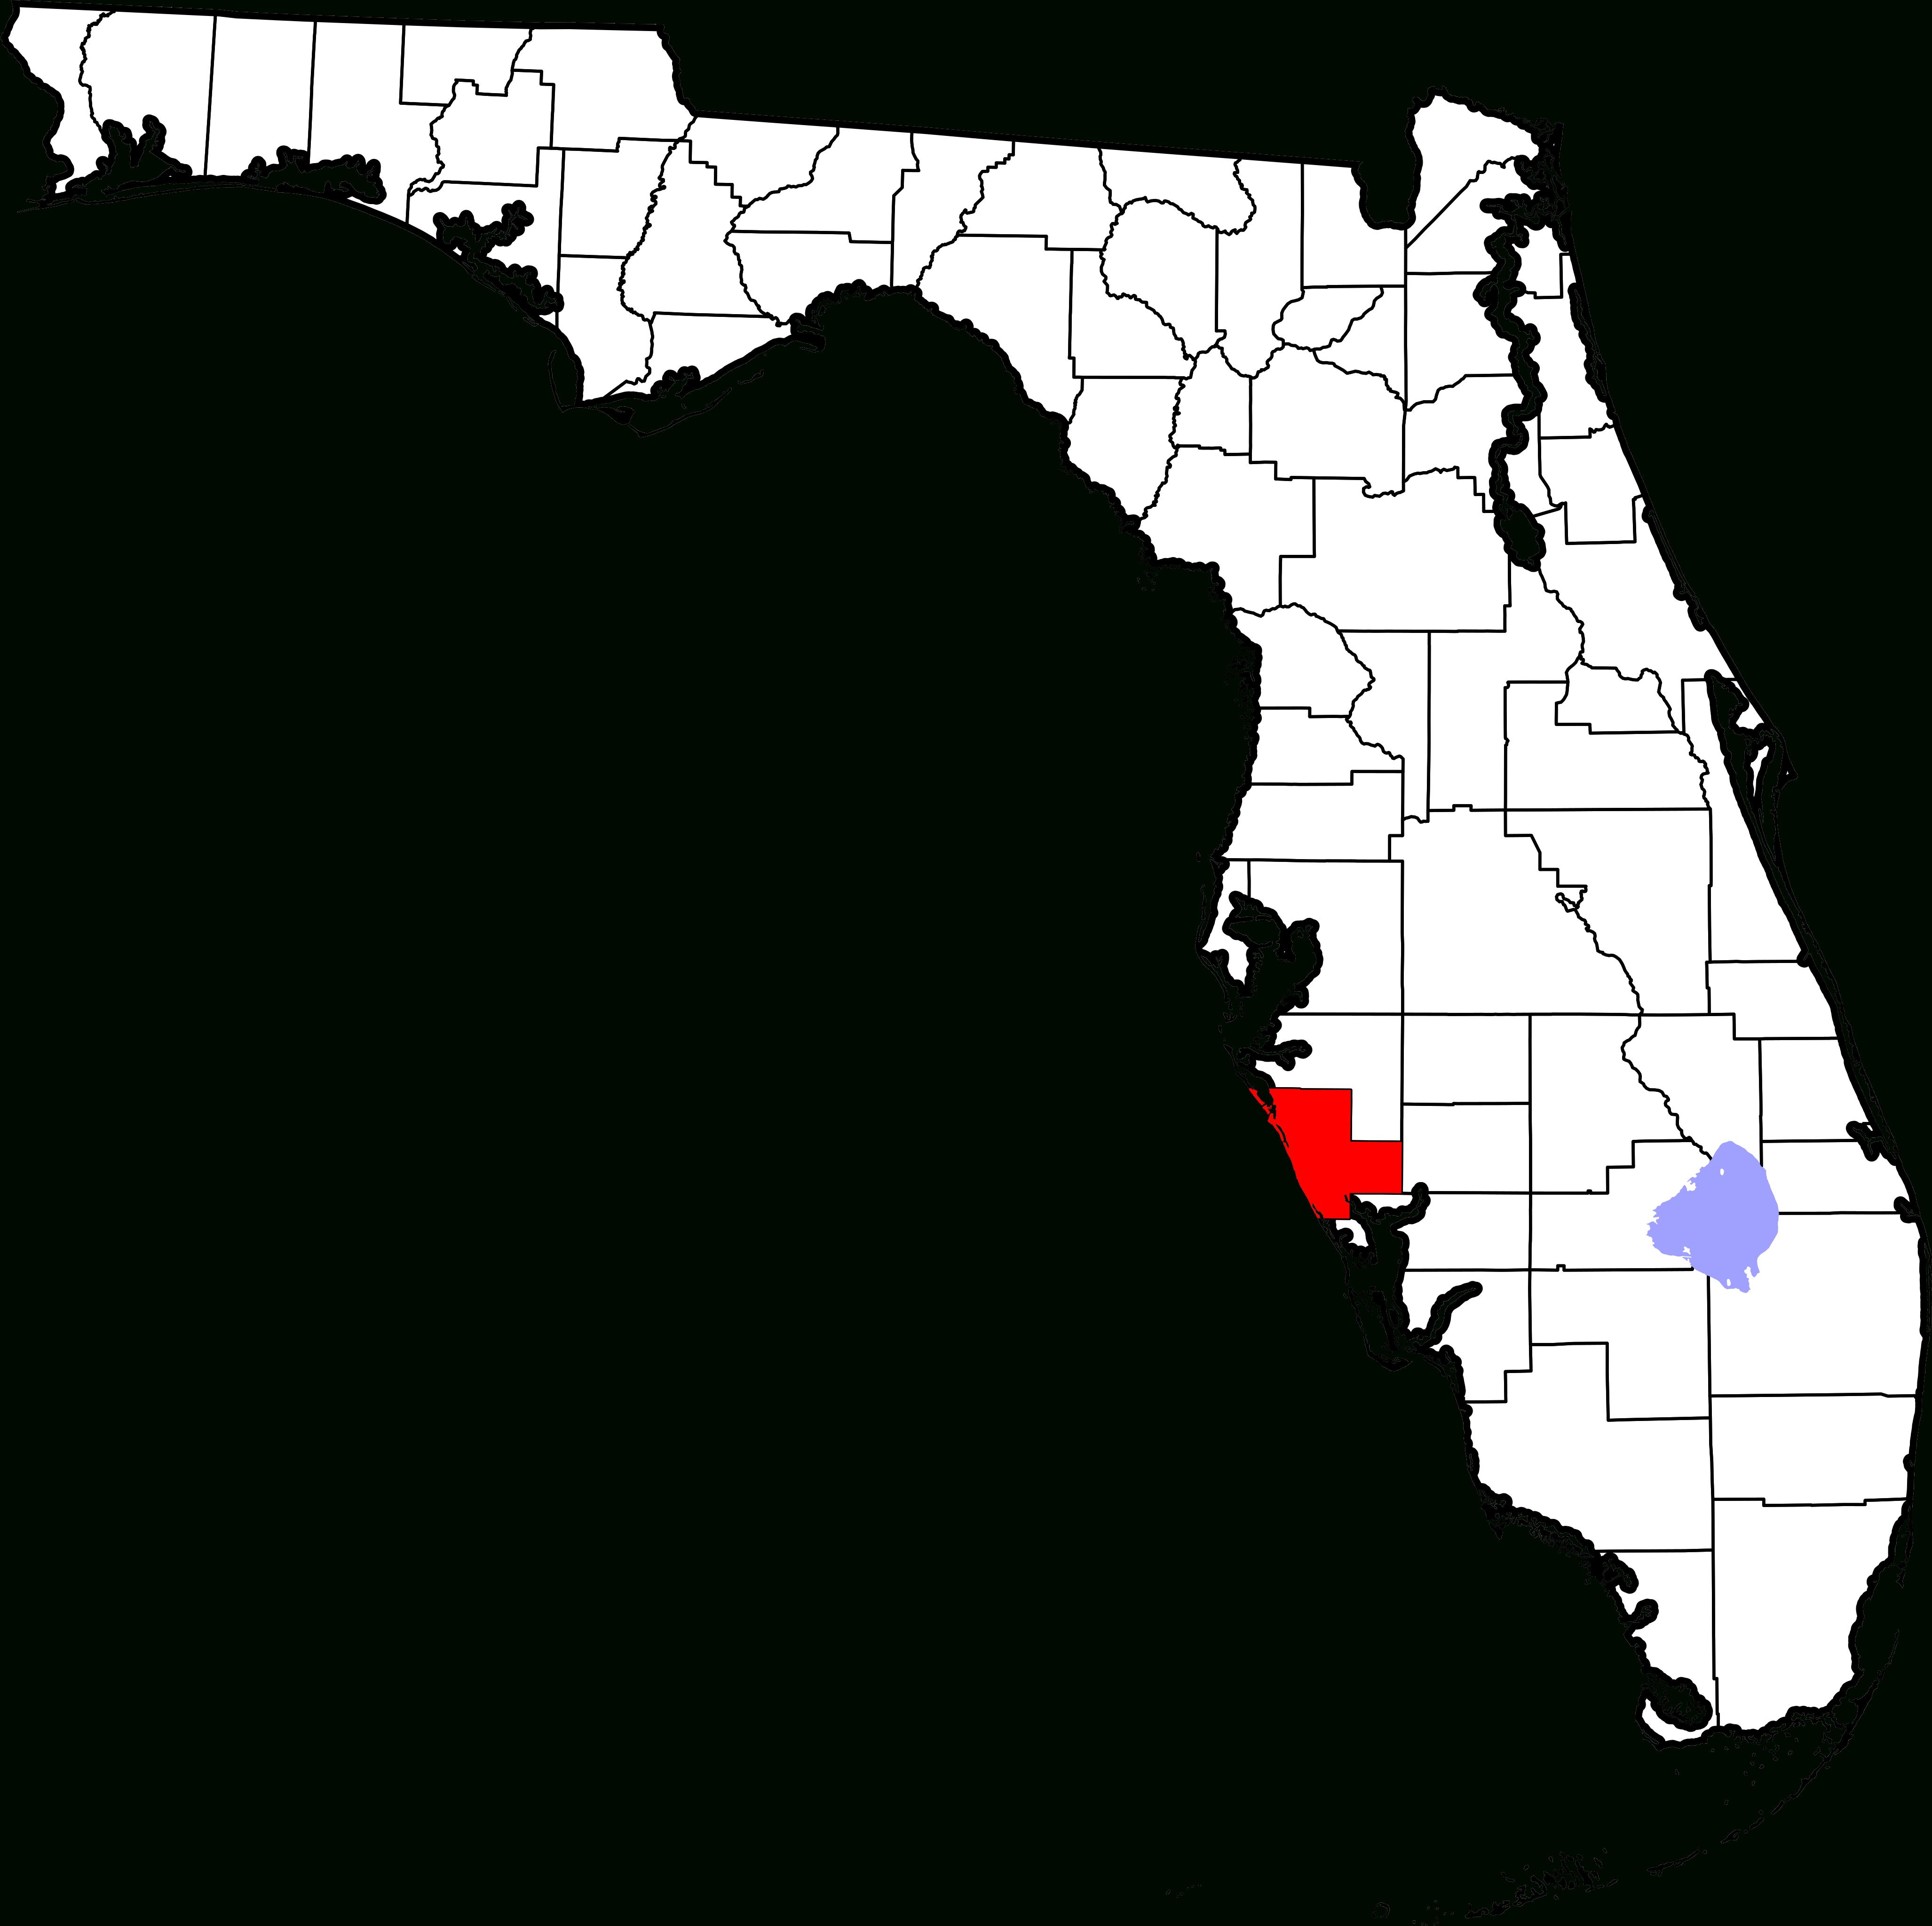 Fichier:map Of Florida Highlighting Sarasota County.svg — Wikipédia - Nokomis Florida Map